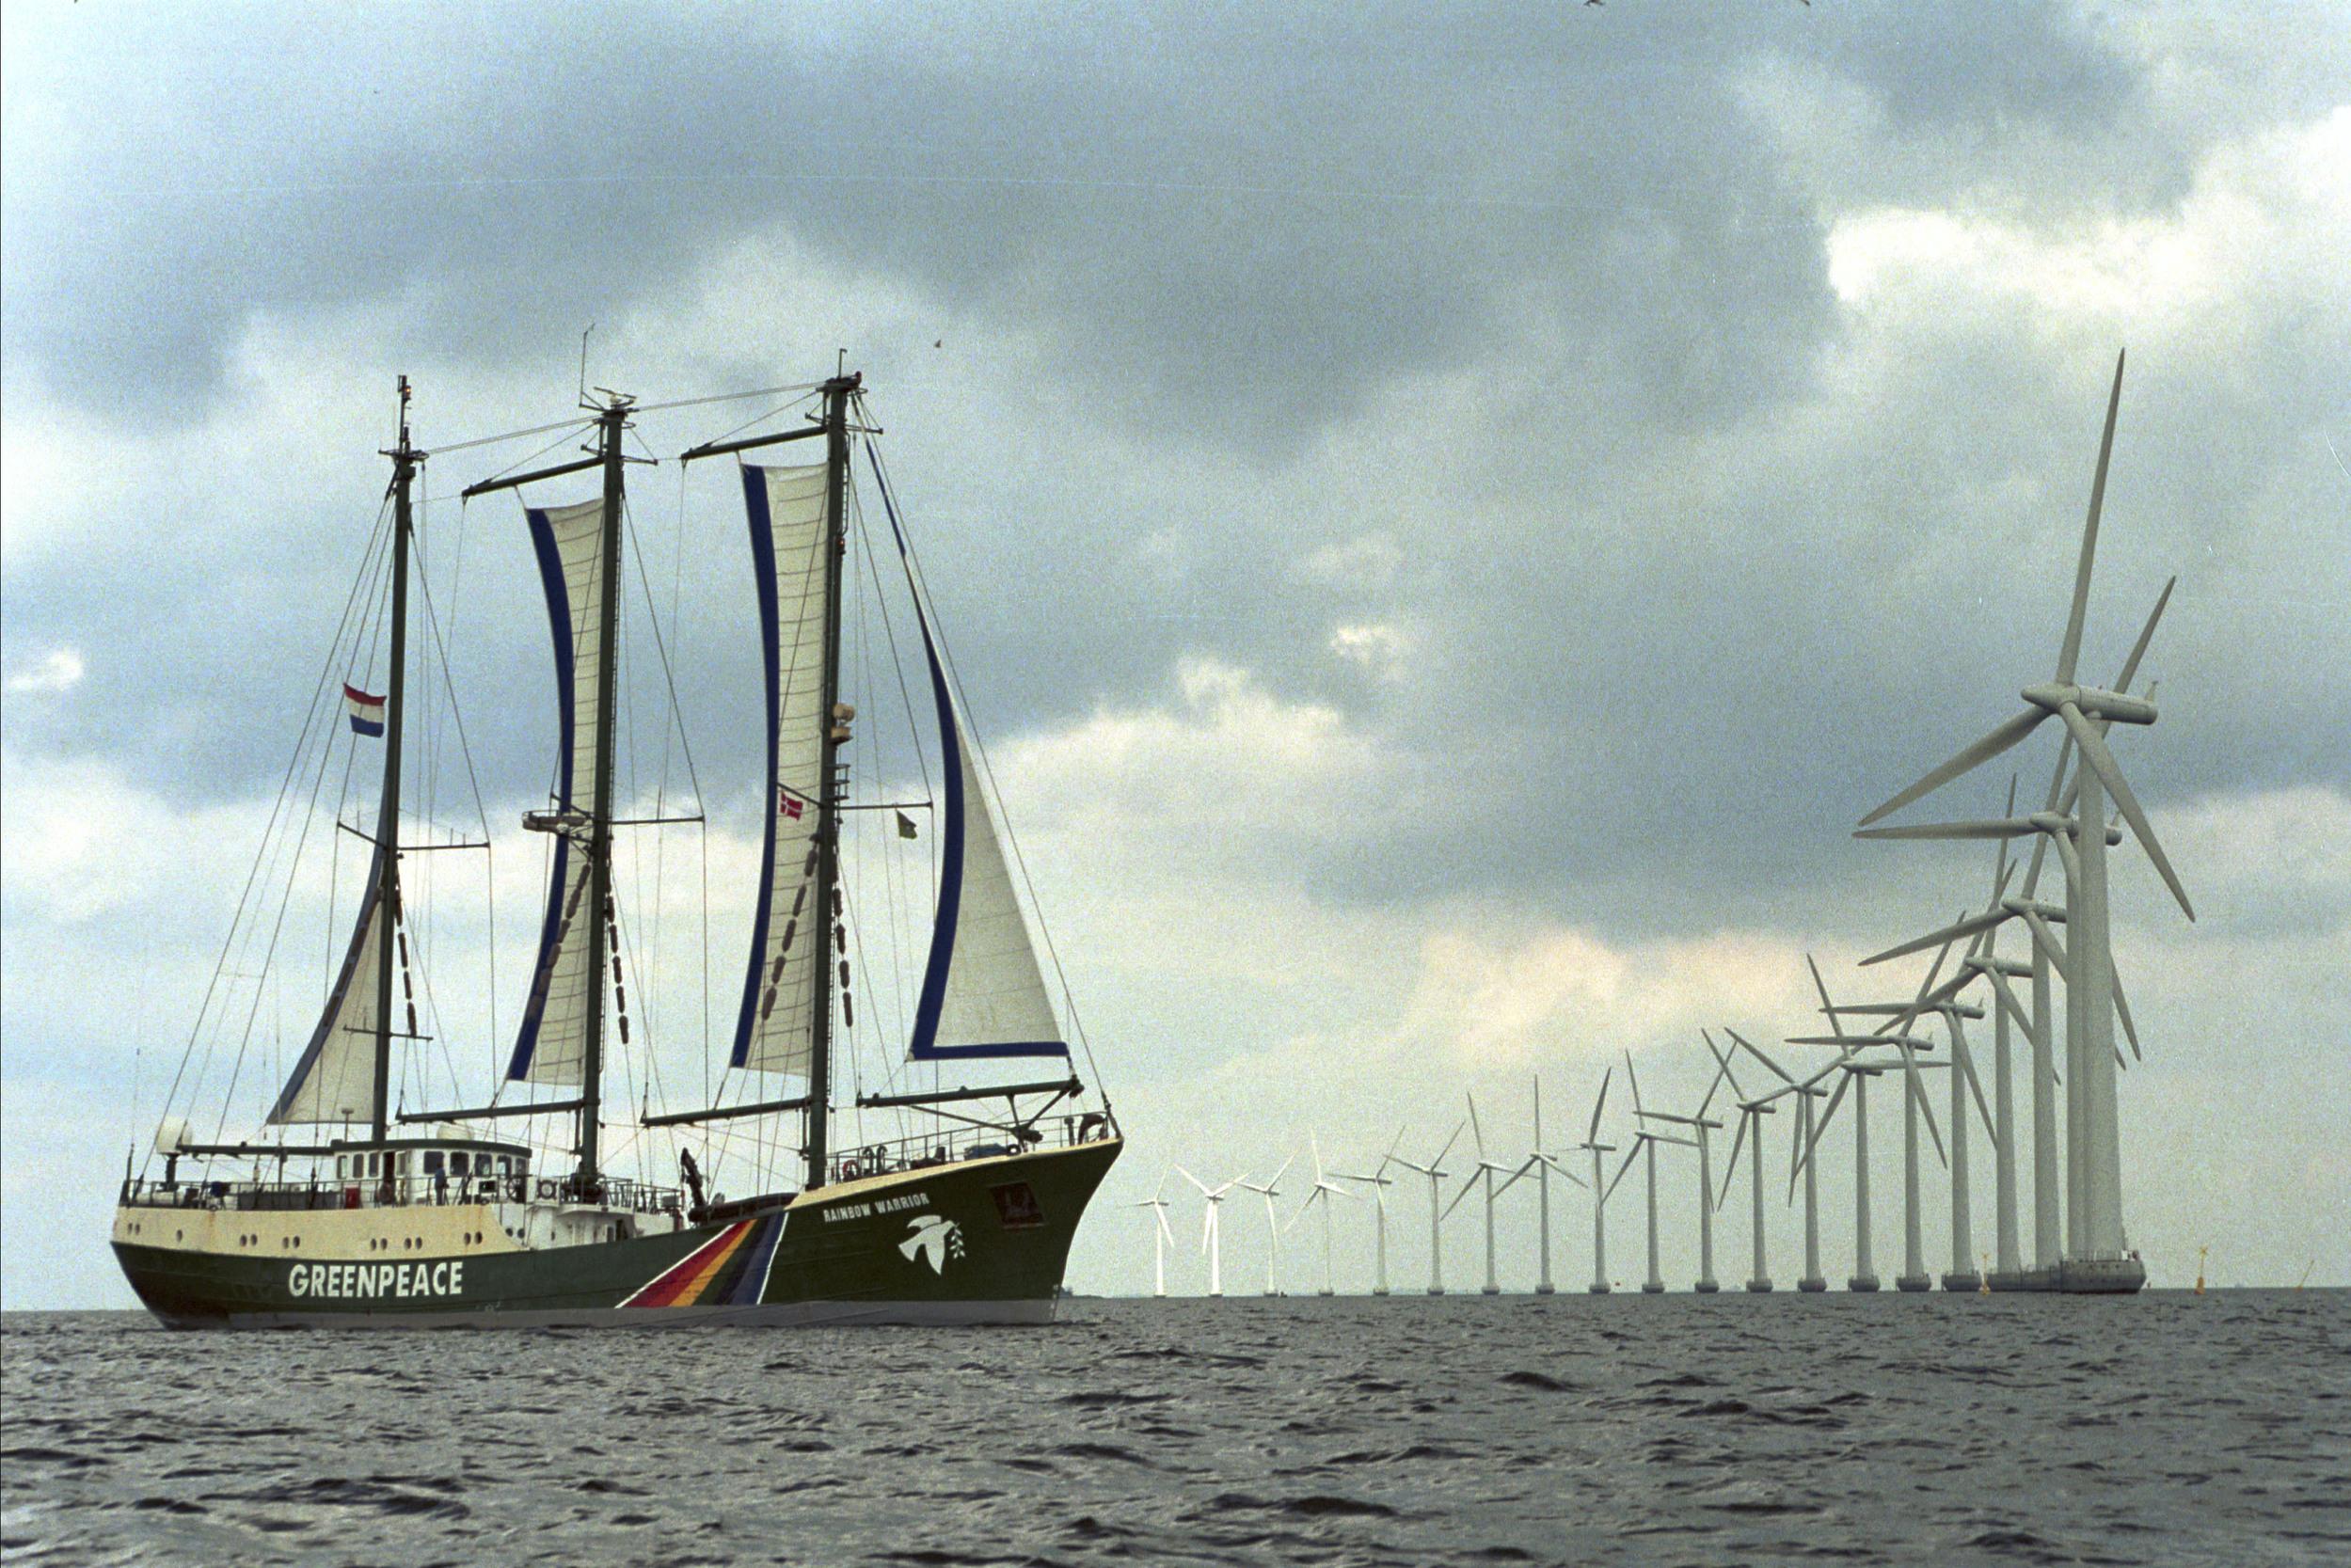 綠色和平多年來向各地政府倡議停止使用、開發化石燃料,轉用潔淨再生能源,如今喜見丹麥政法做出具有里程碑意義的承諾。